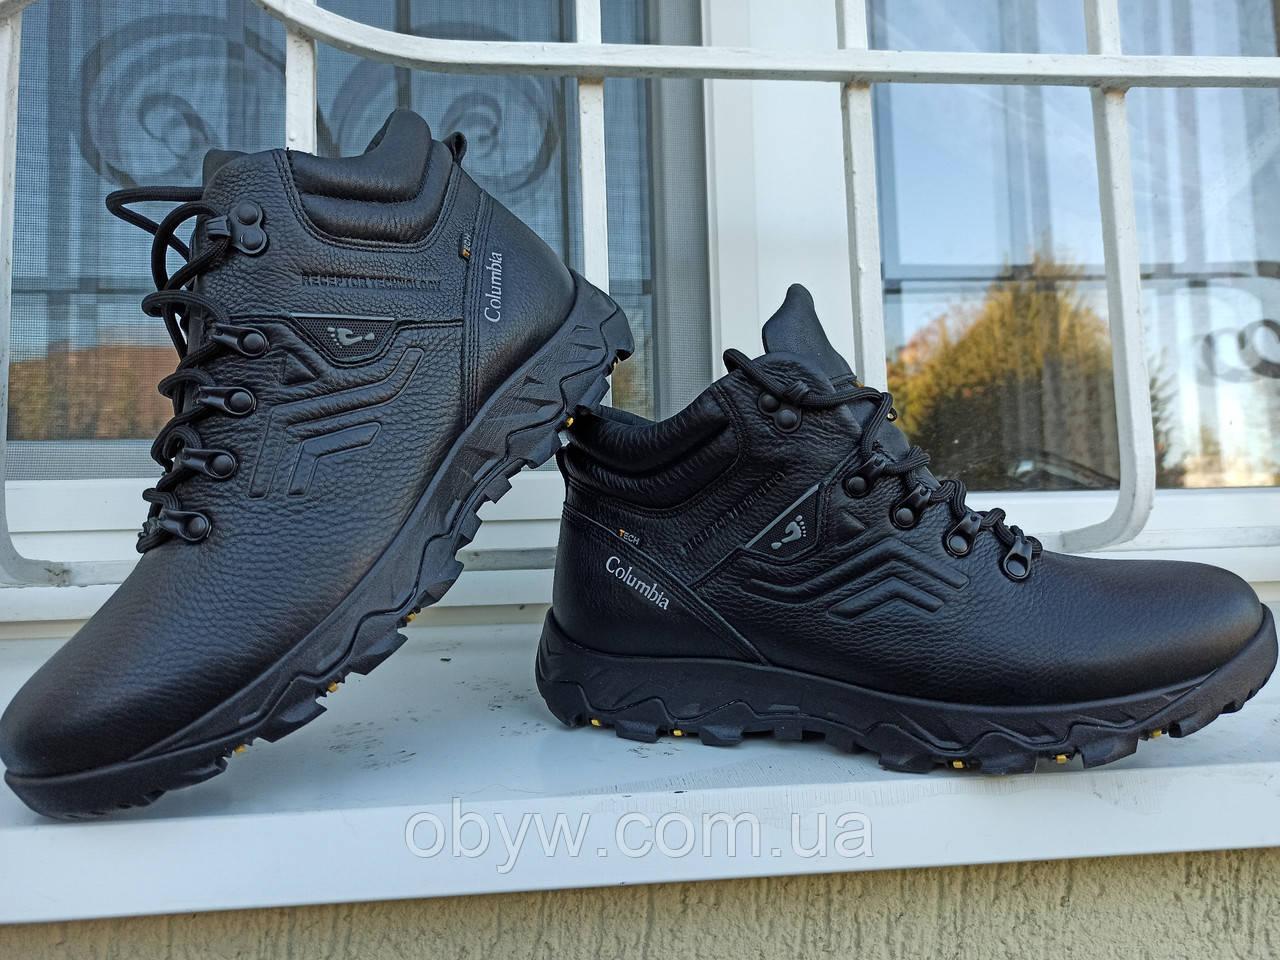 Зимние термо ботинки columbia ter-43